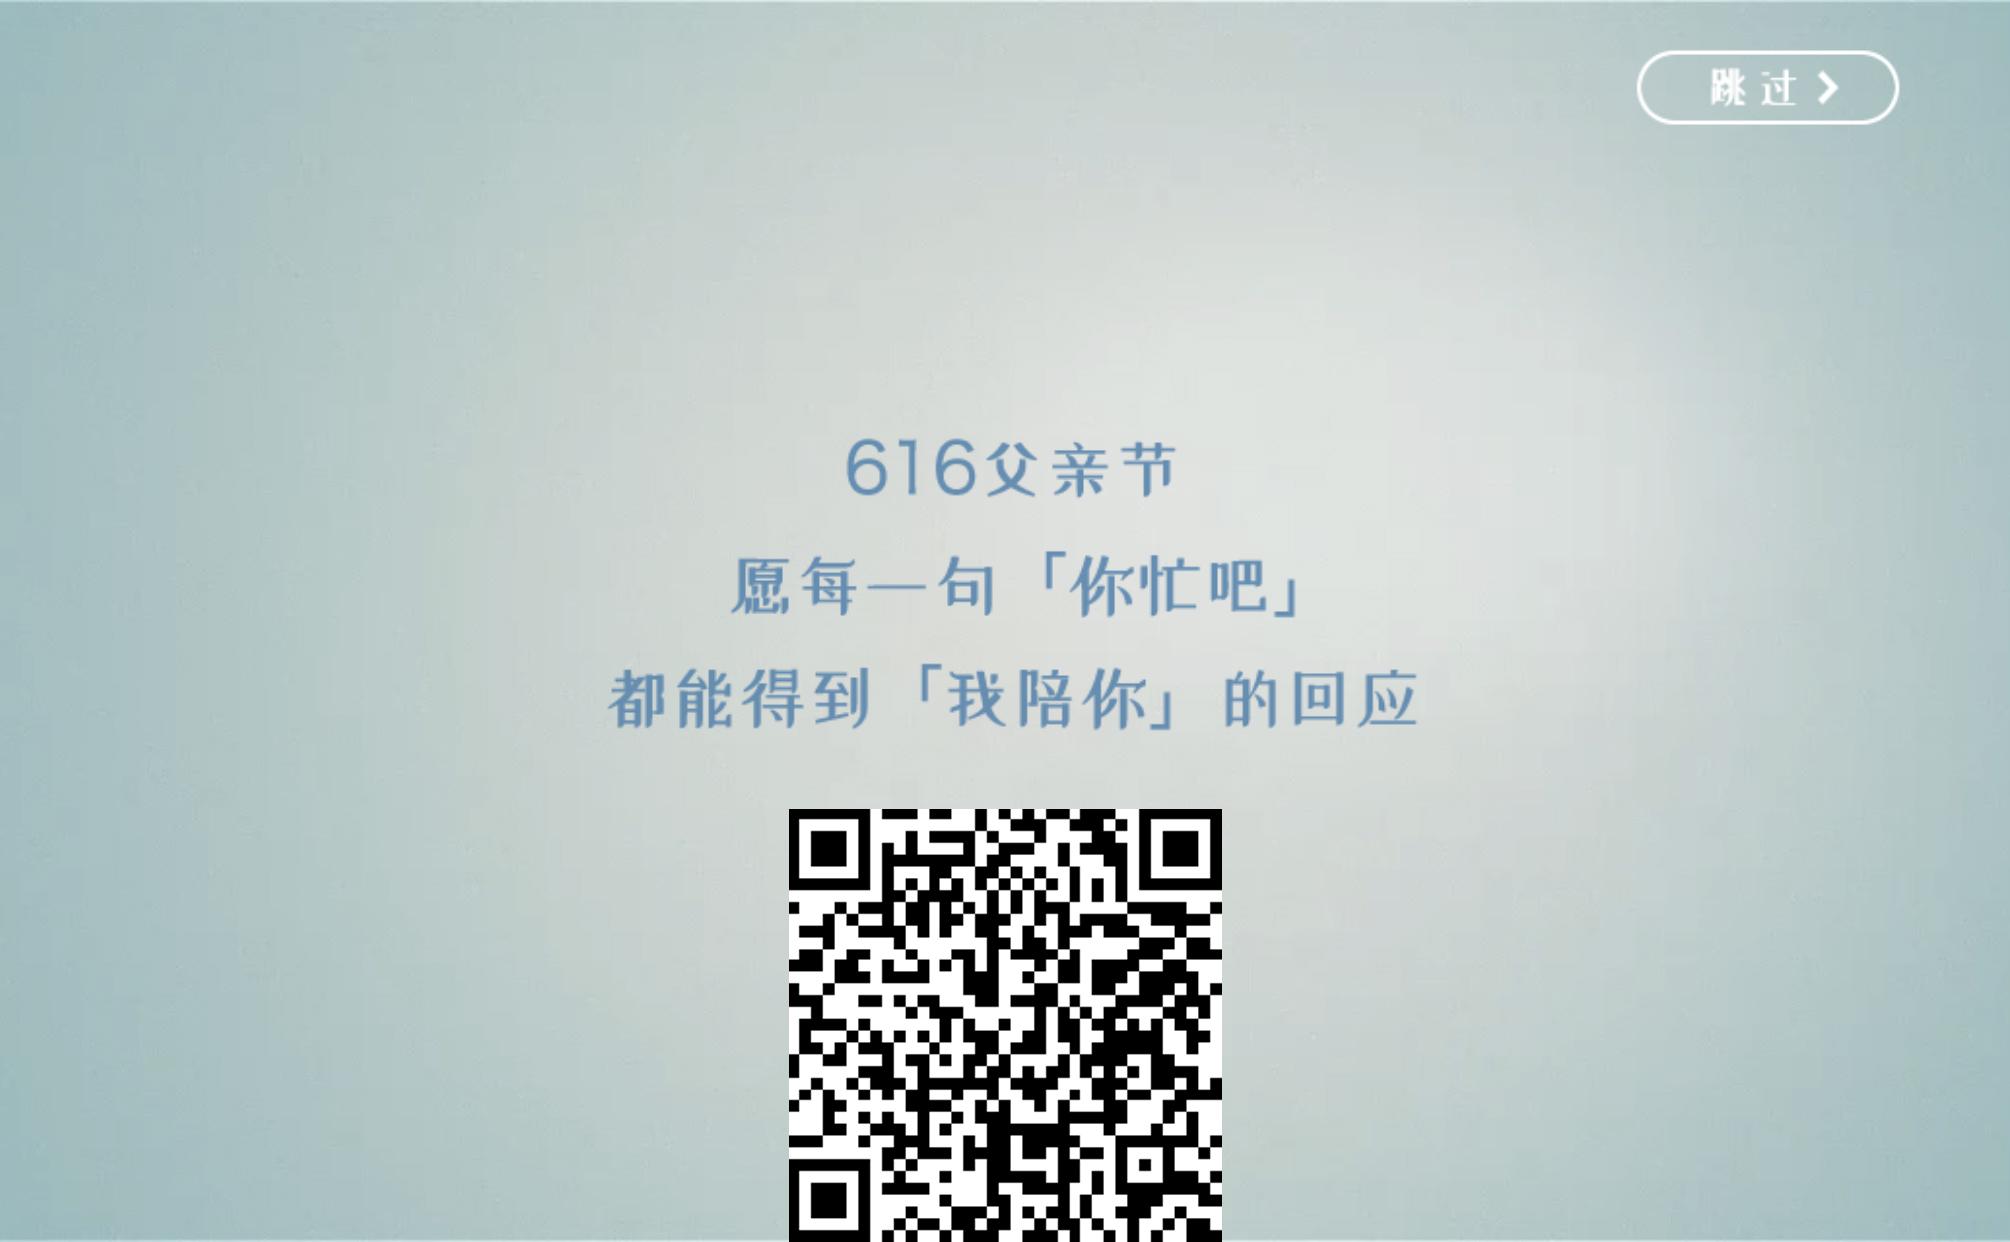 CMBC-H5-4